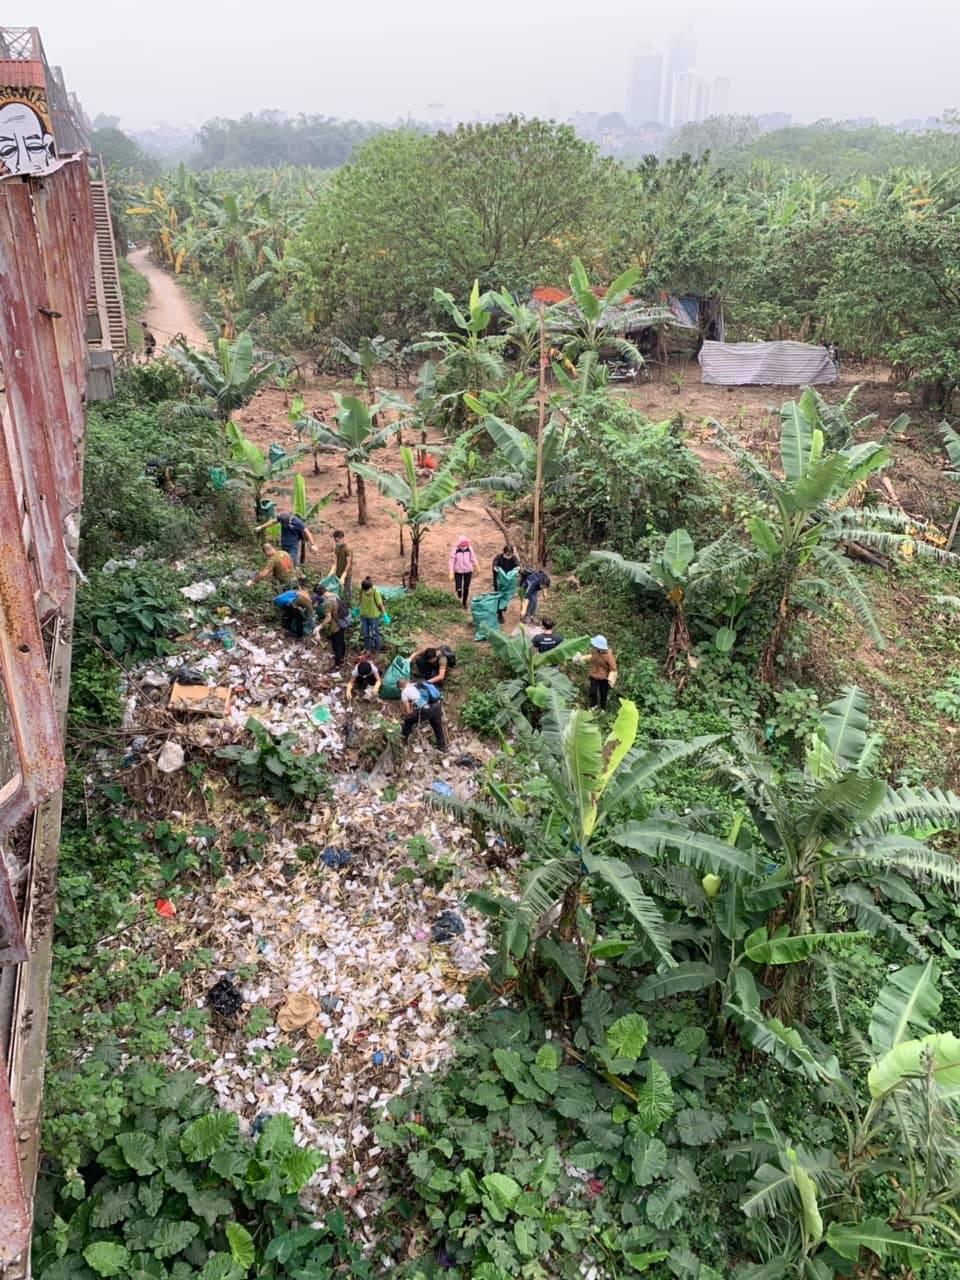 Thử thách dọn rác phiên bản lôi kéo đông vui nhất: 100 người nhặt cả tấn rác ở bãi sông Hồng, xử lý 90% rác khổng lồ ở Sơn Trà - Ảnh 2.